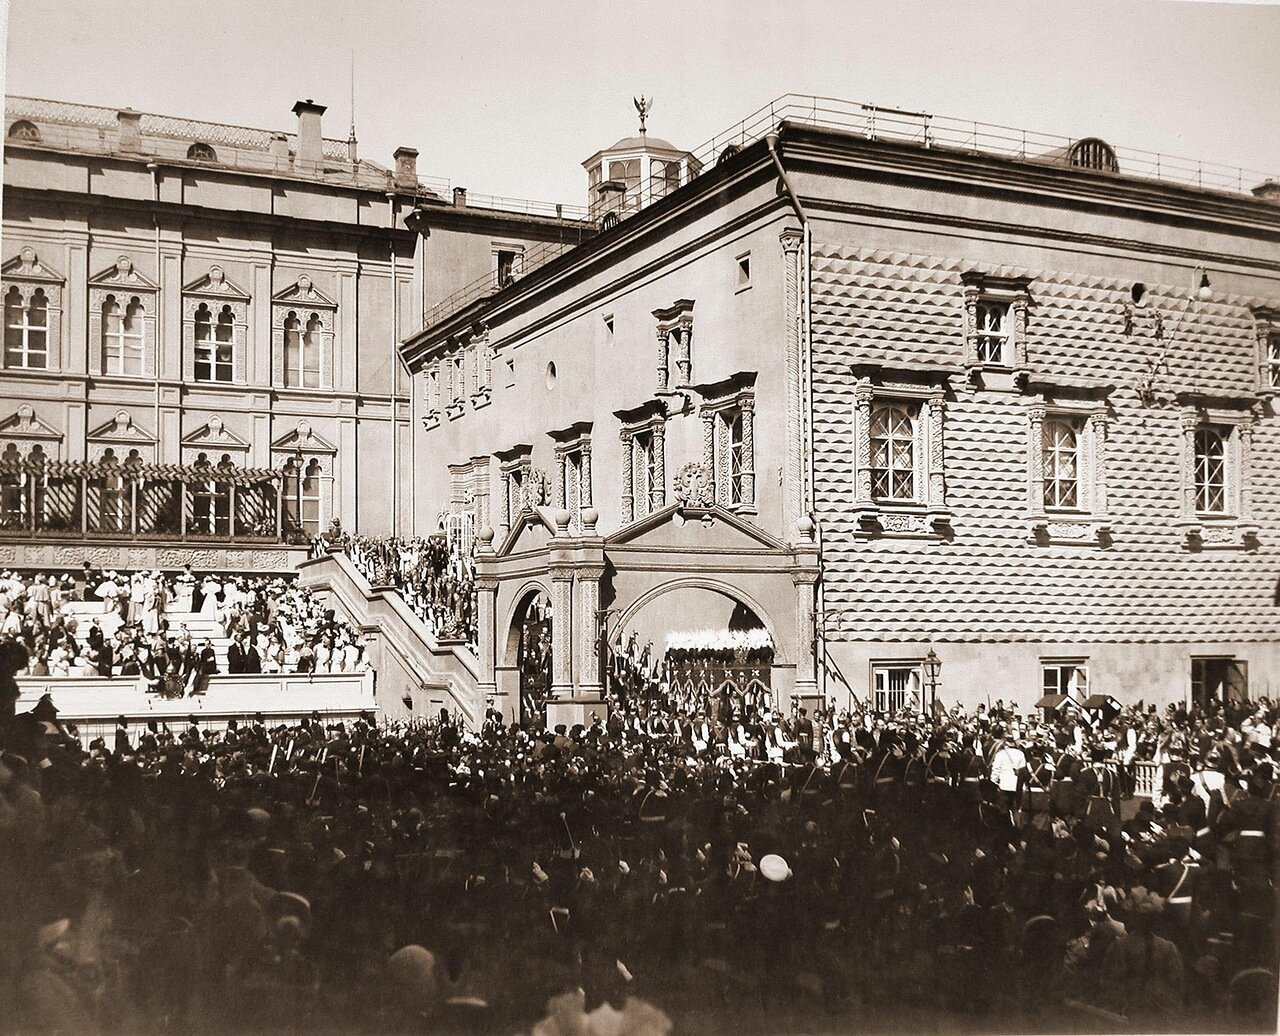 Вдовствующая императрица Мария Федоровна в сопровождении свиты спускается с верхней площадки Красного крыльца Грановитой палаты в день торжественной коронации